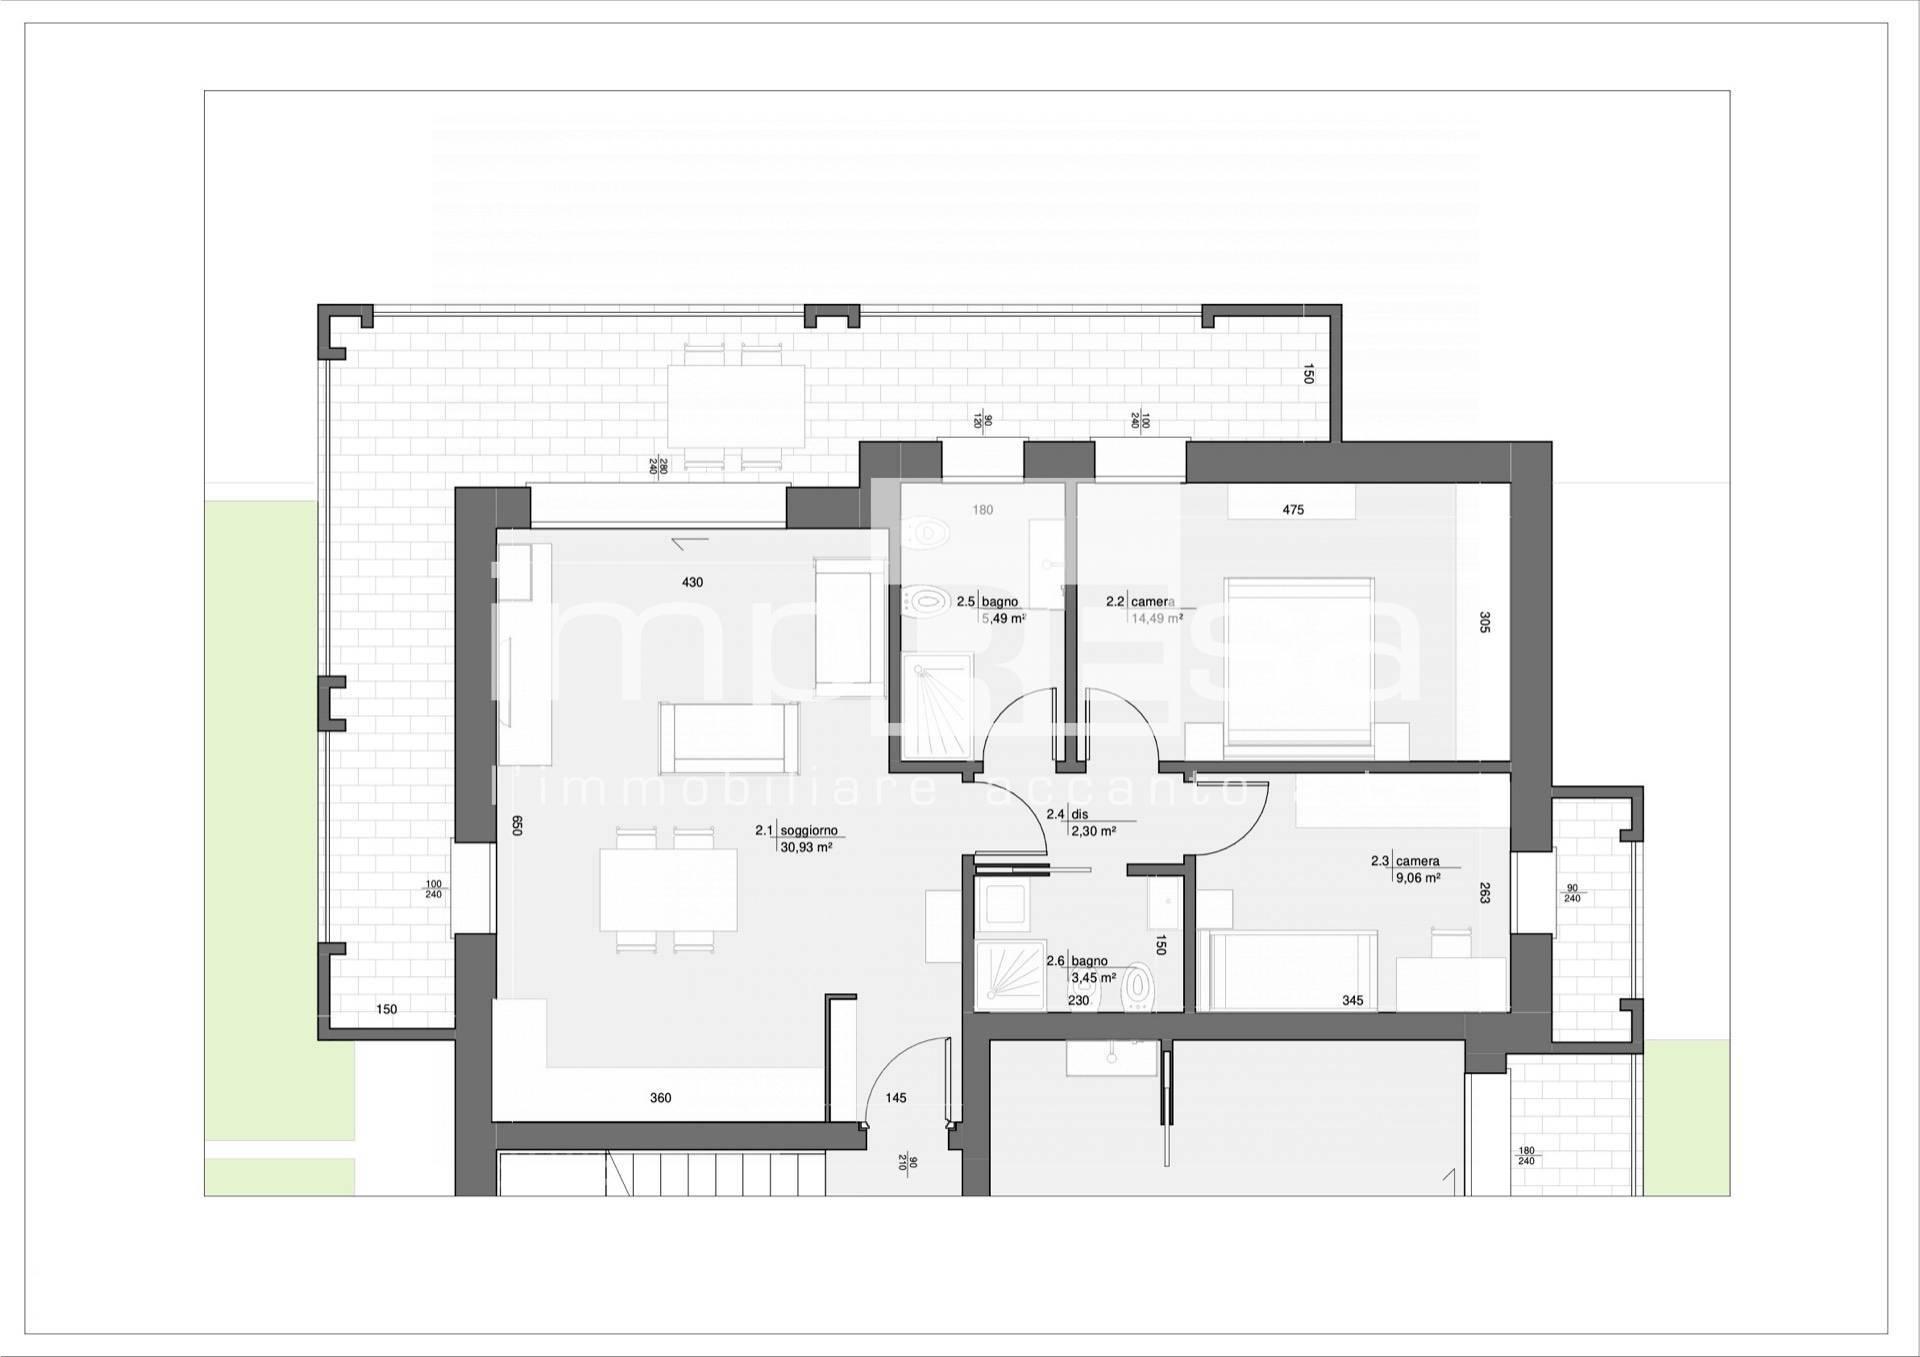 Appartamento in vendita a Treviso, 5 locali, zona Località: S.MariadelRovere, prezzo € 350.000   PortaleAgenzieImmobiliari.it